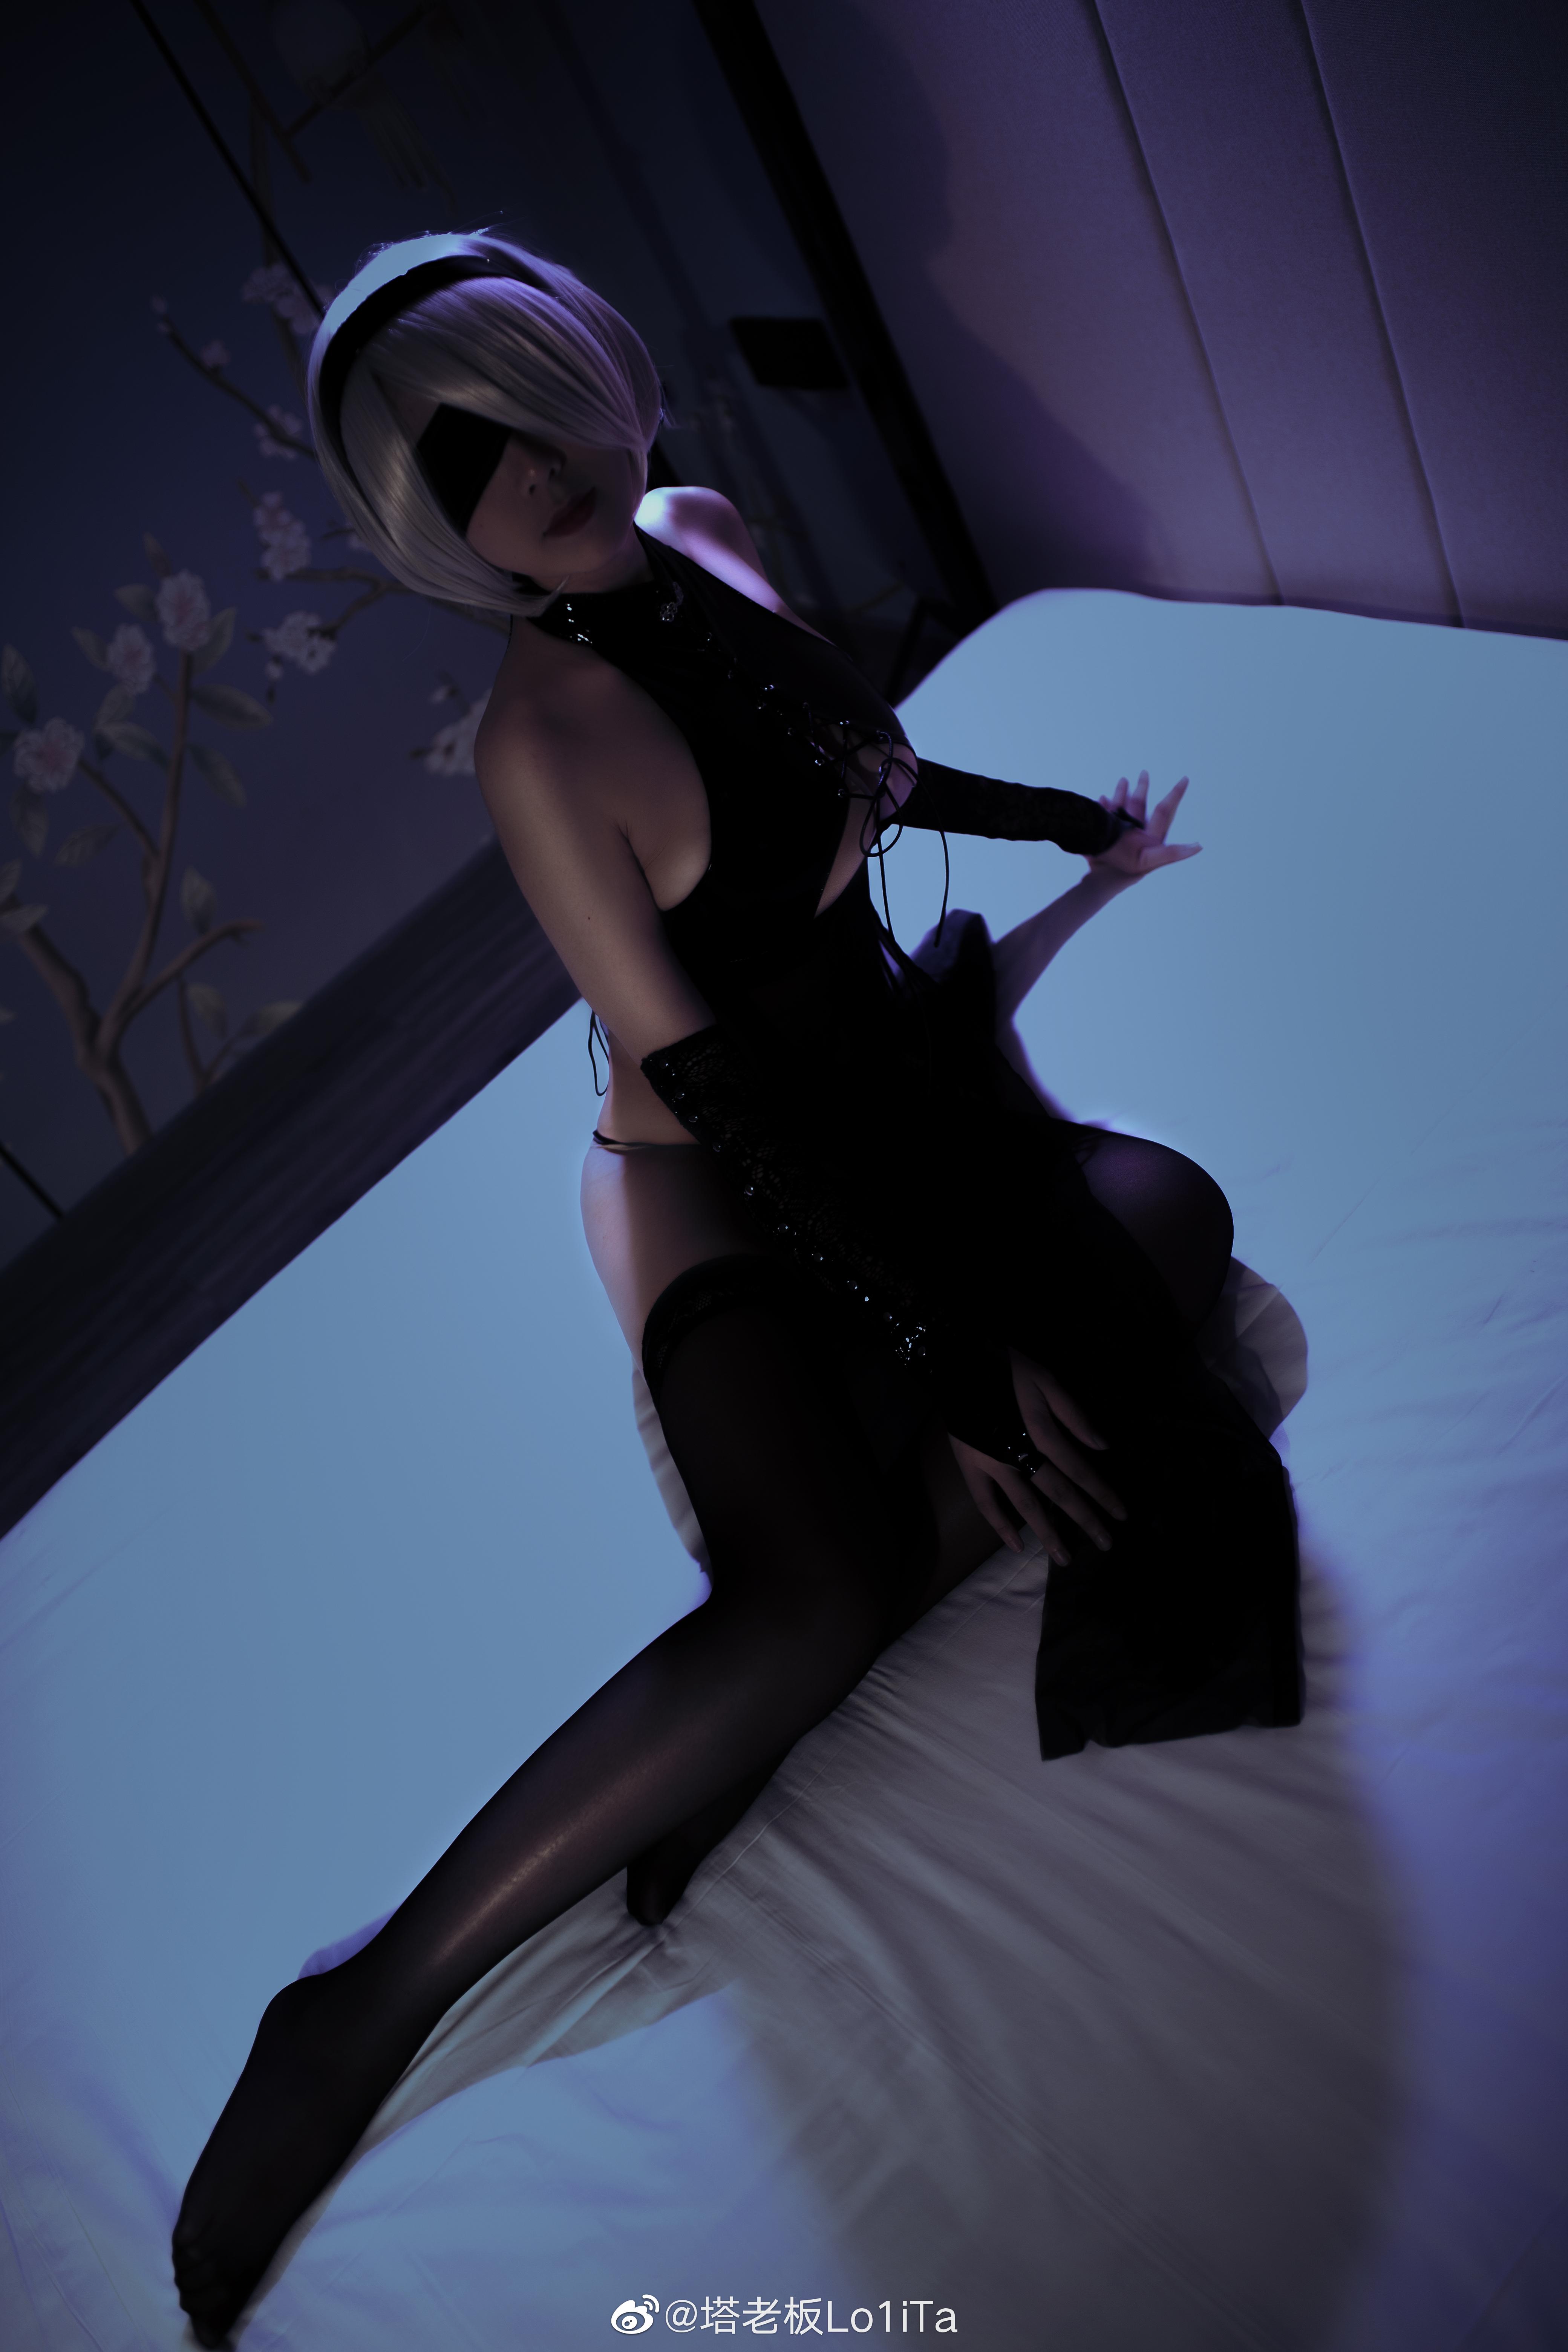 万圣节2b小姐姐也来凑个热闹(⁄ ⁄•⁄ω⁄•⁄ ⁄) Cosplay-第6张